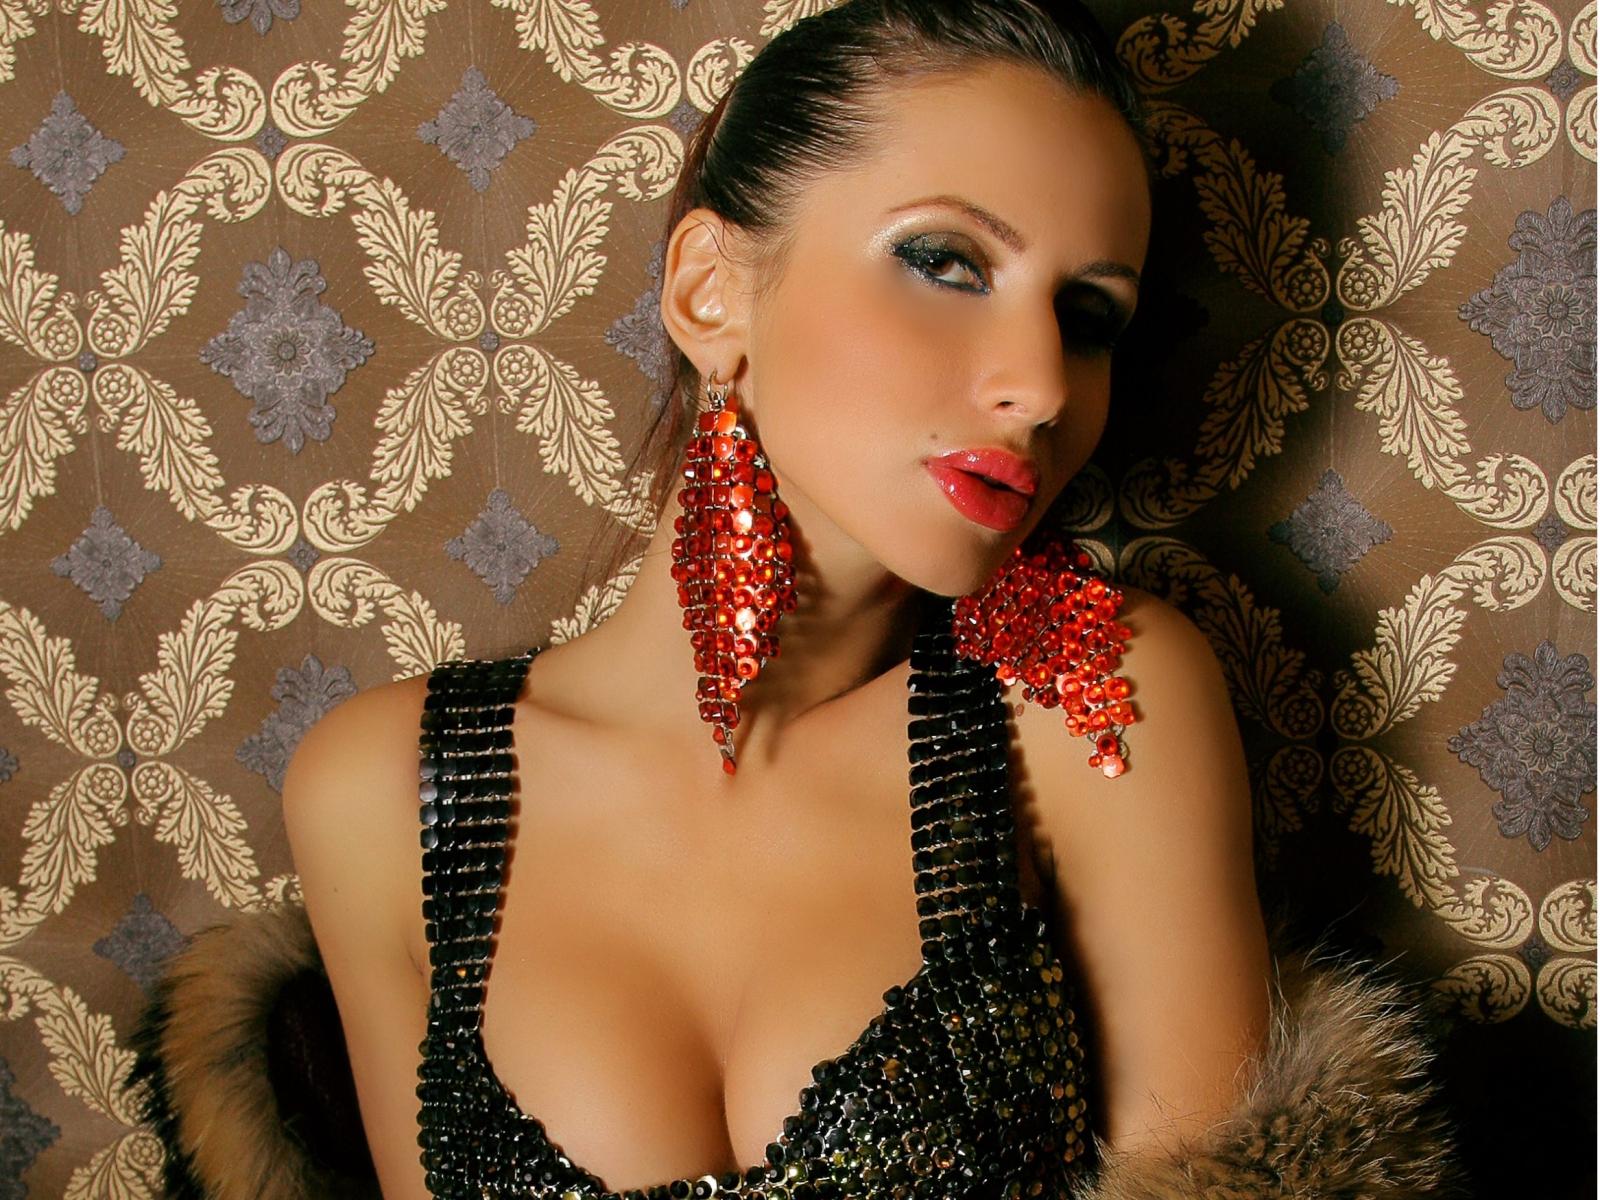 Подборка фотографии украинской певицы Светланы Лободы.